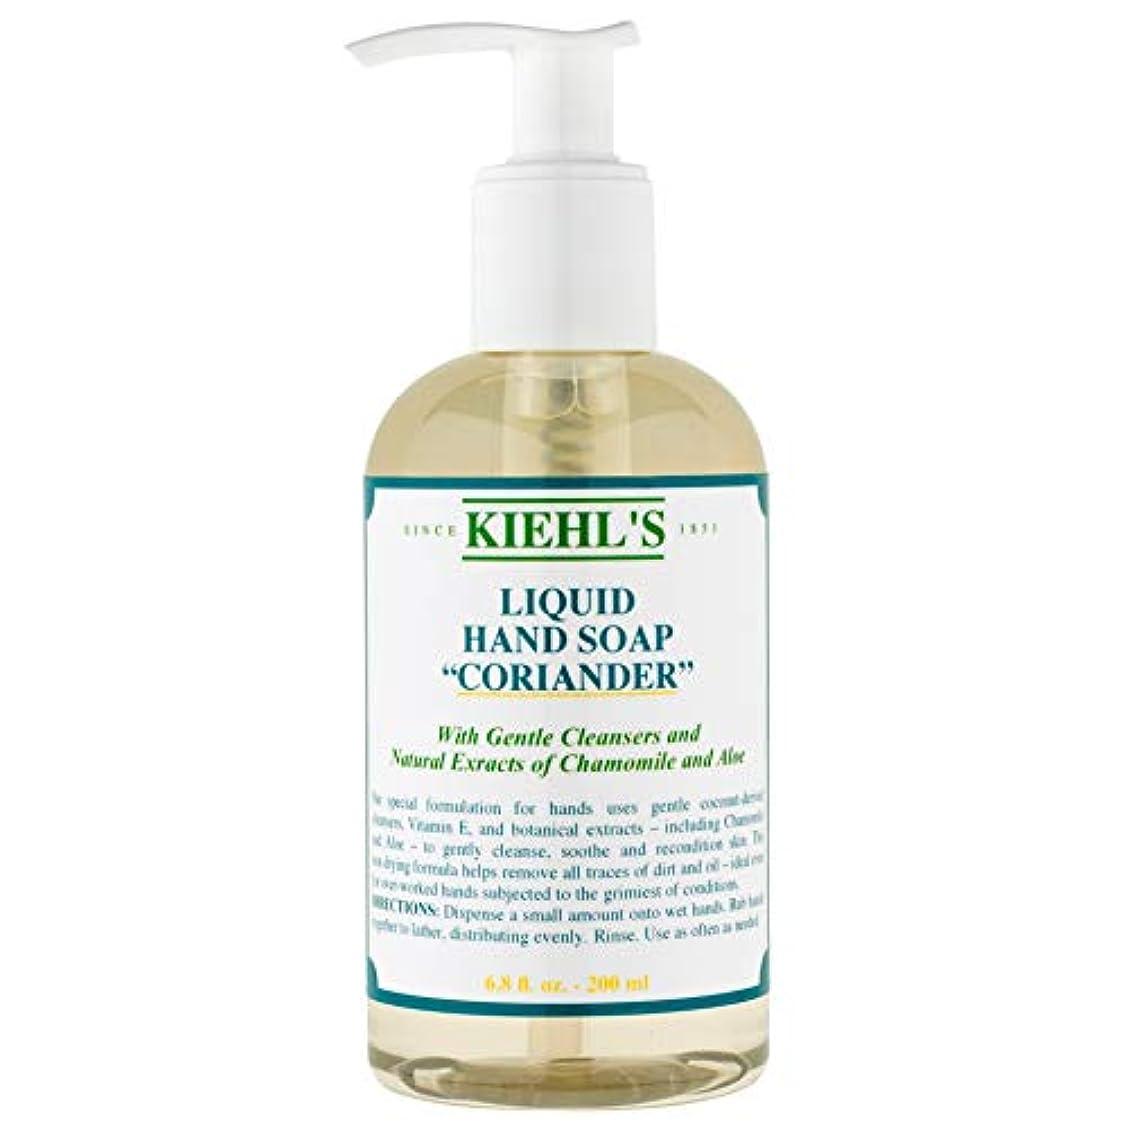 息切れ乞食極めて[Kiehl's ] キールズコリアンダーハンドクレンザー(ポンプ)250ミリリットル - Kiehl's Coriander Hand Cleanser (Pump) 250ml [並行輸入品]